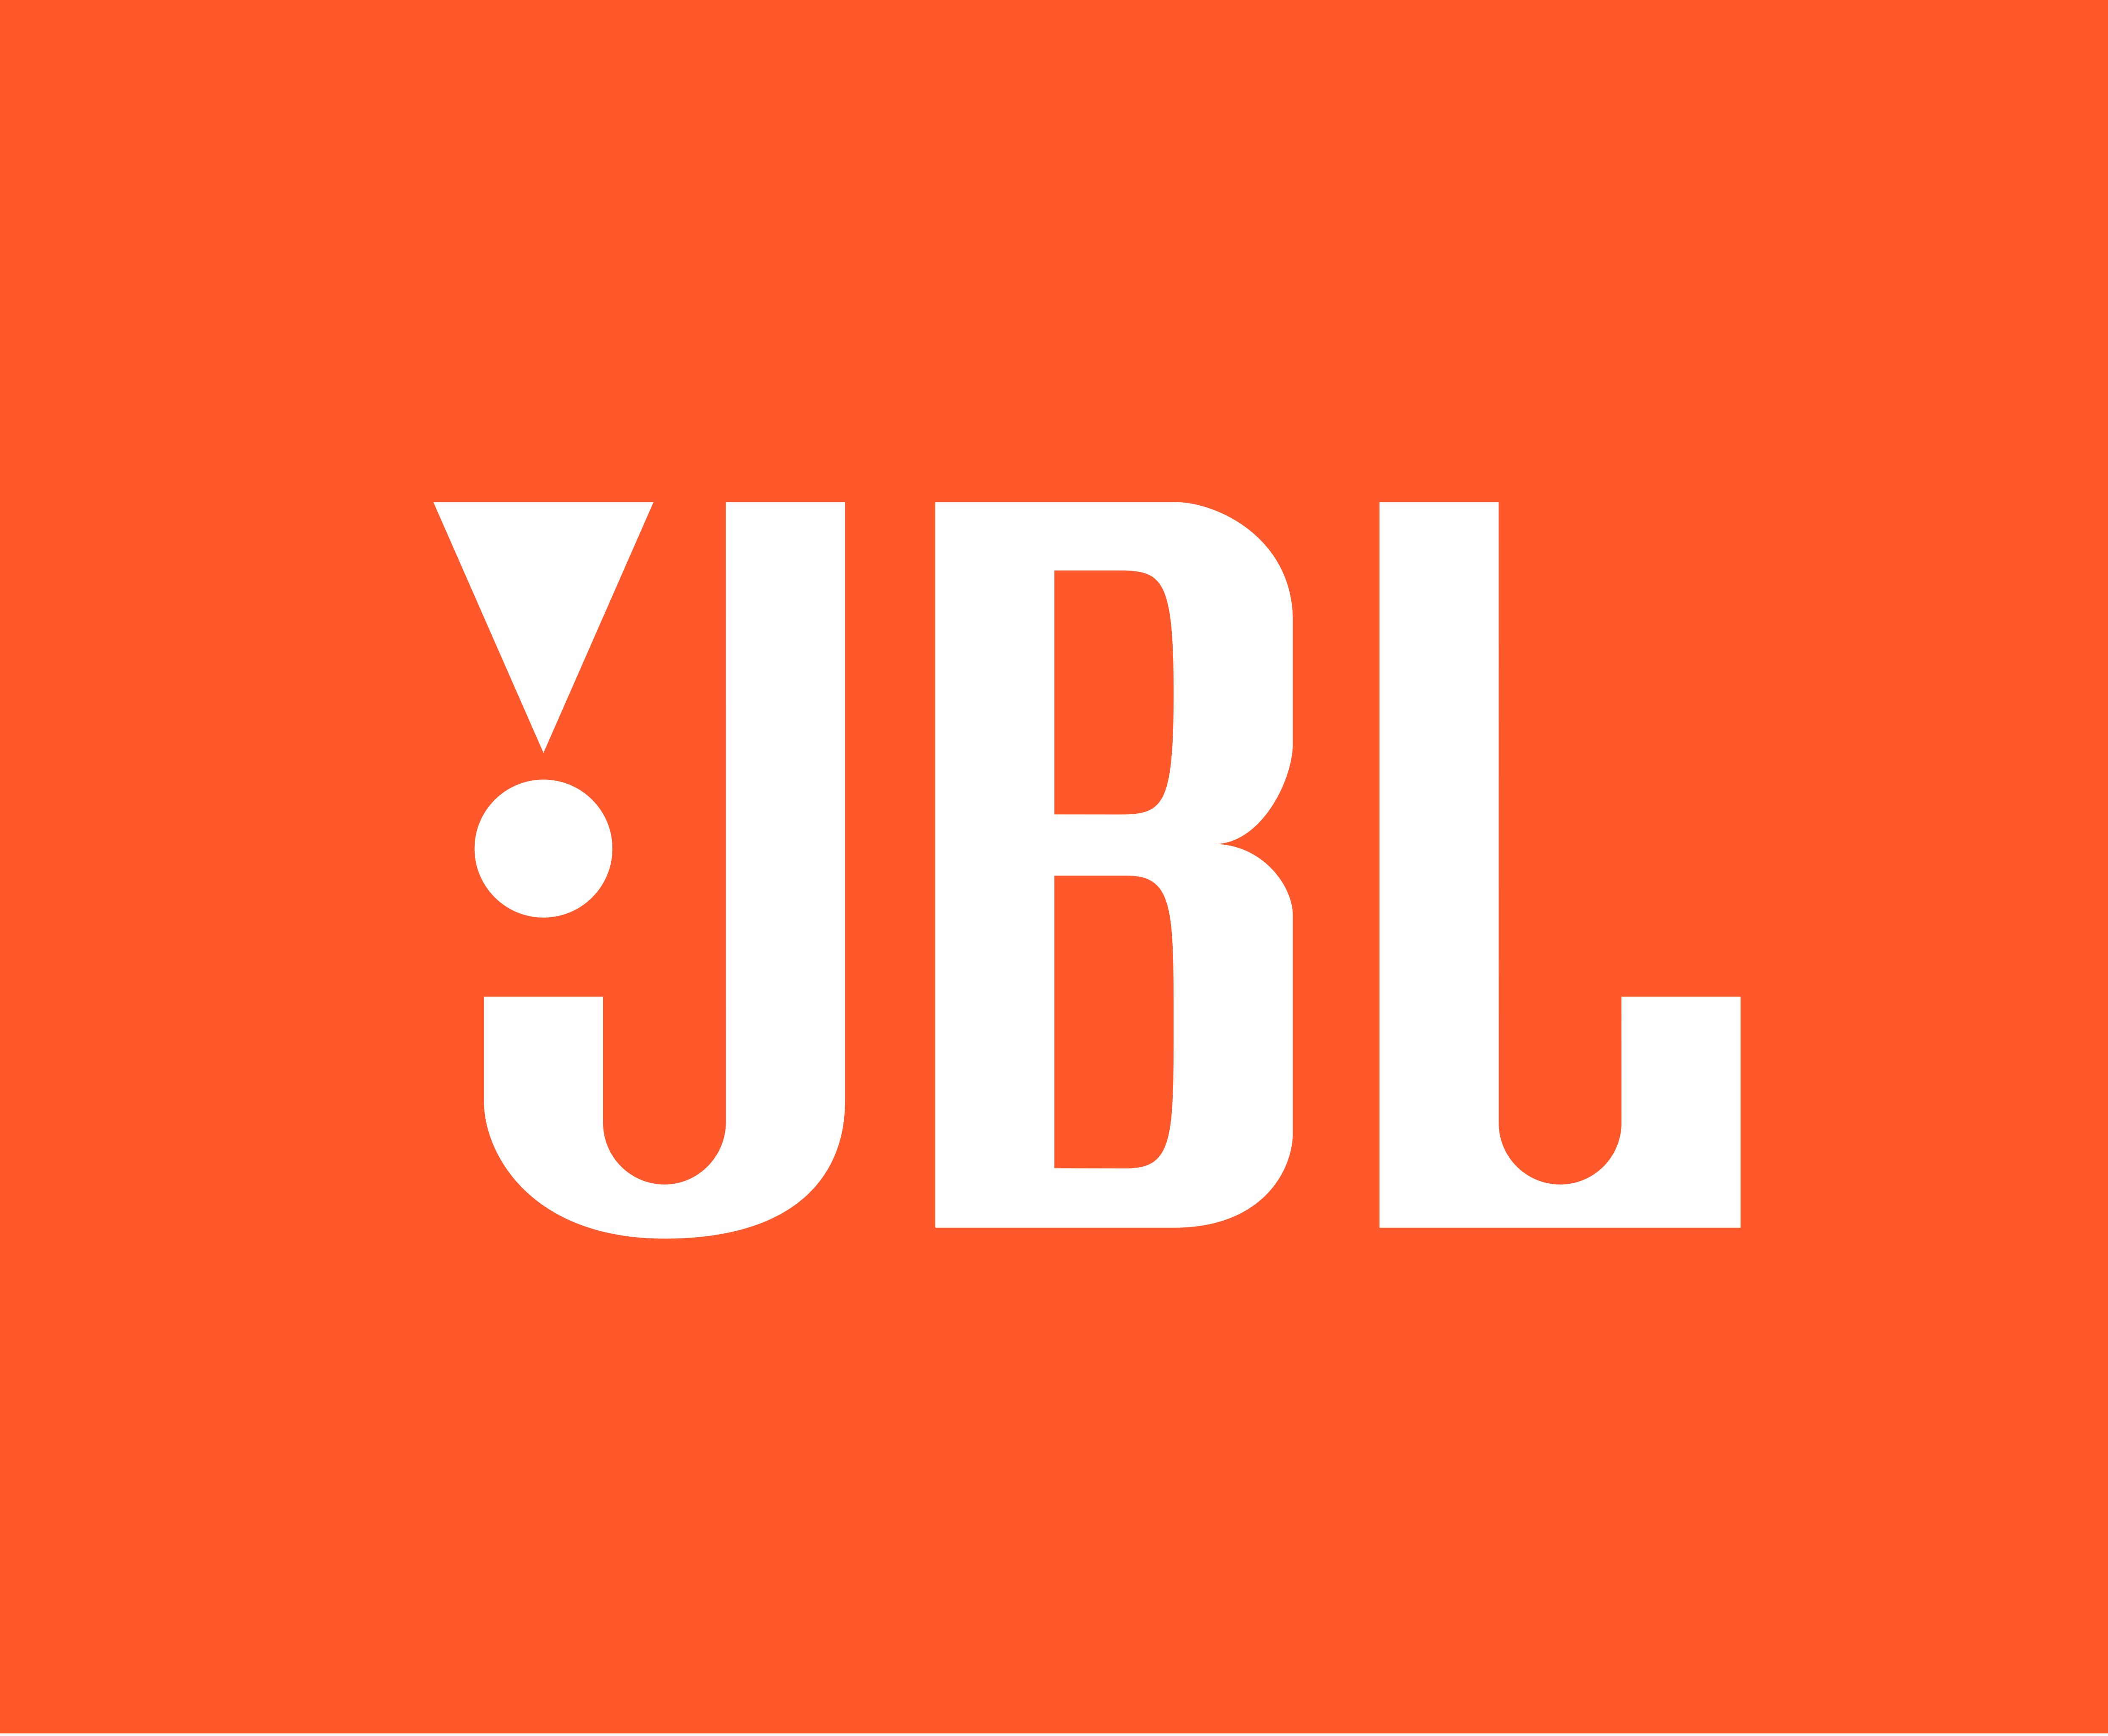 Logo da marca jbl